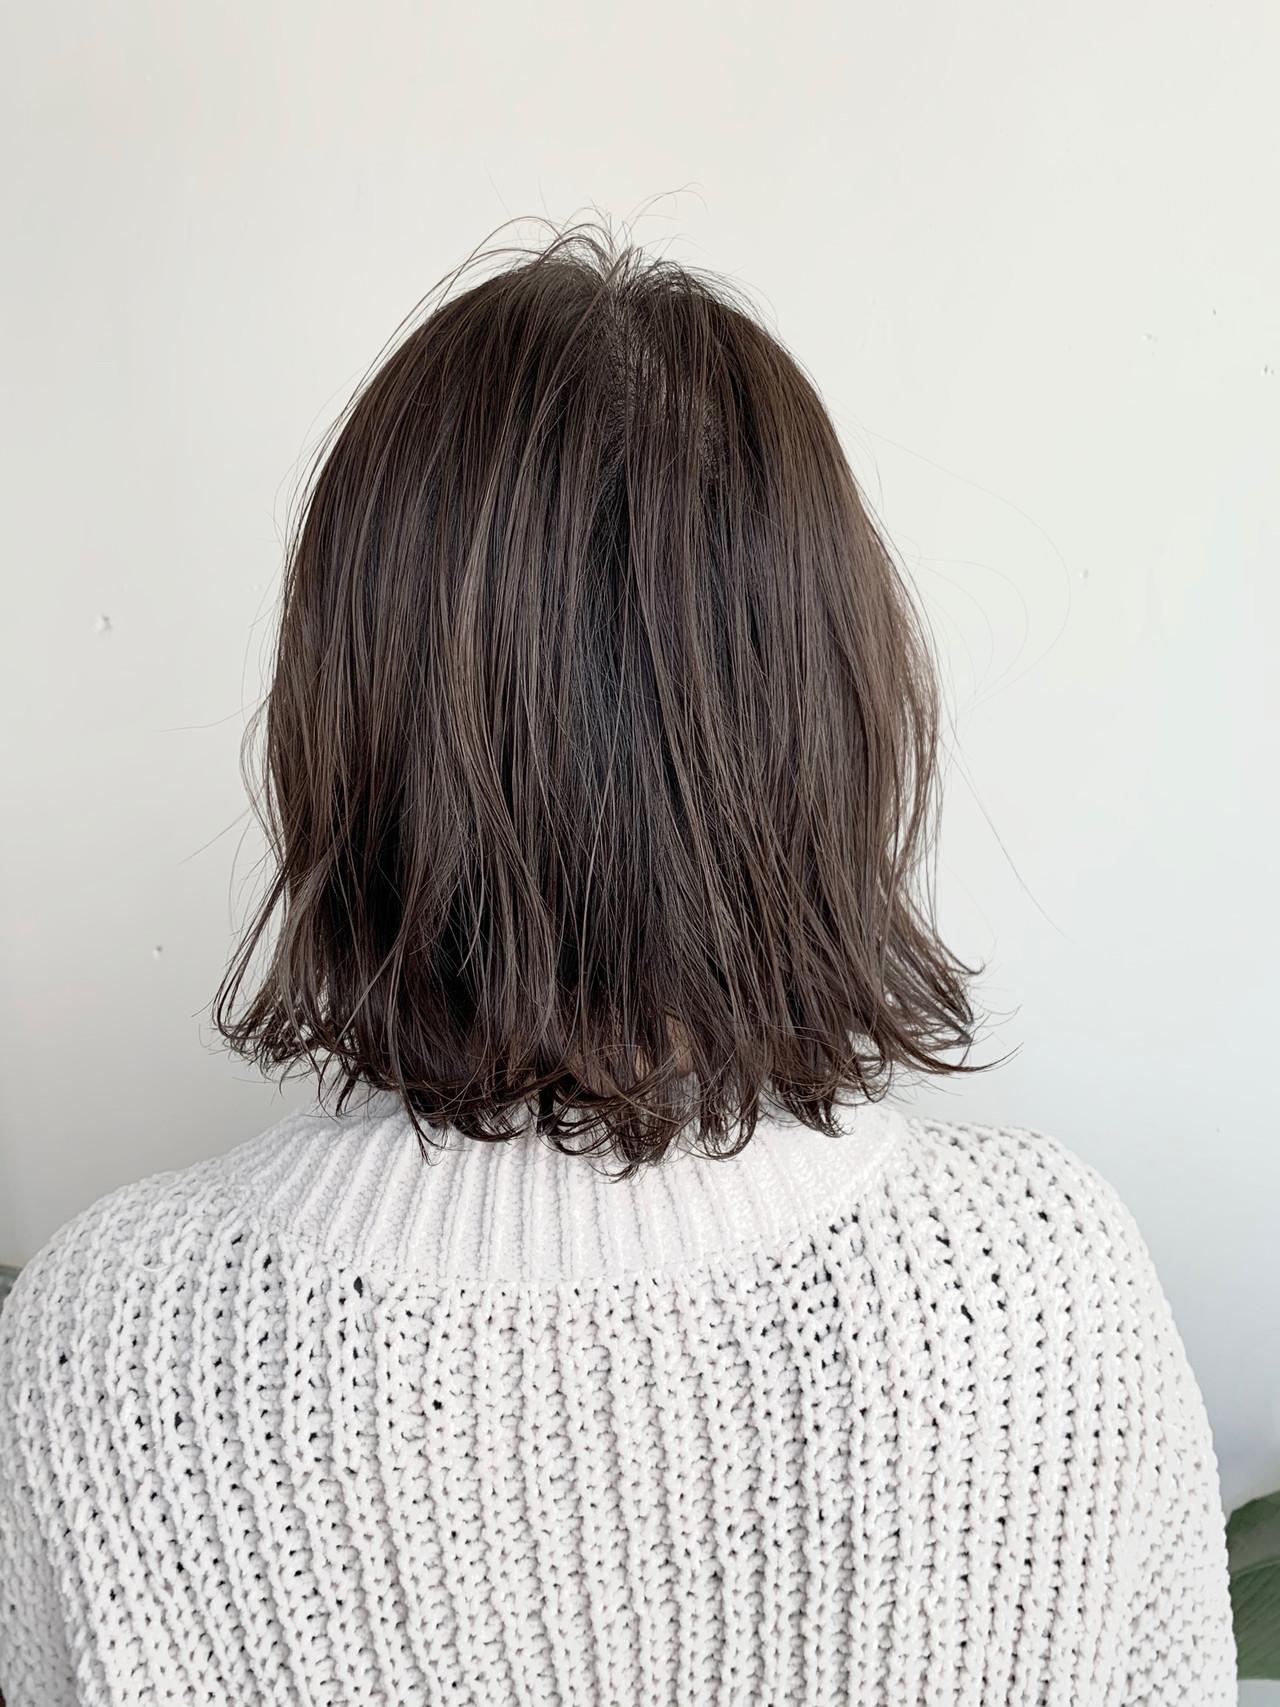 ブラウンベージュ ミディアム 切りっぱなしボブ ヌーディーベージュ ヘアスタイルや髪型の写真・画像 | ハシモト シュン / Zina